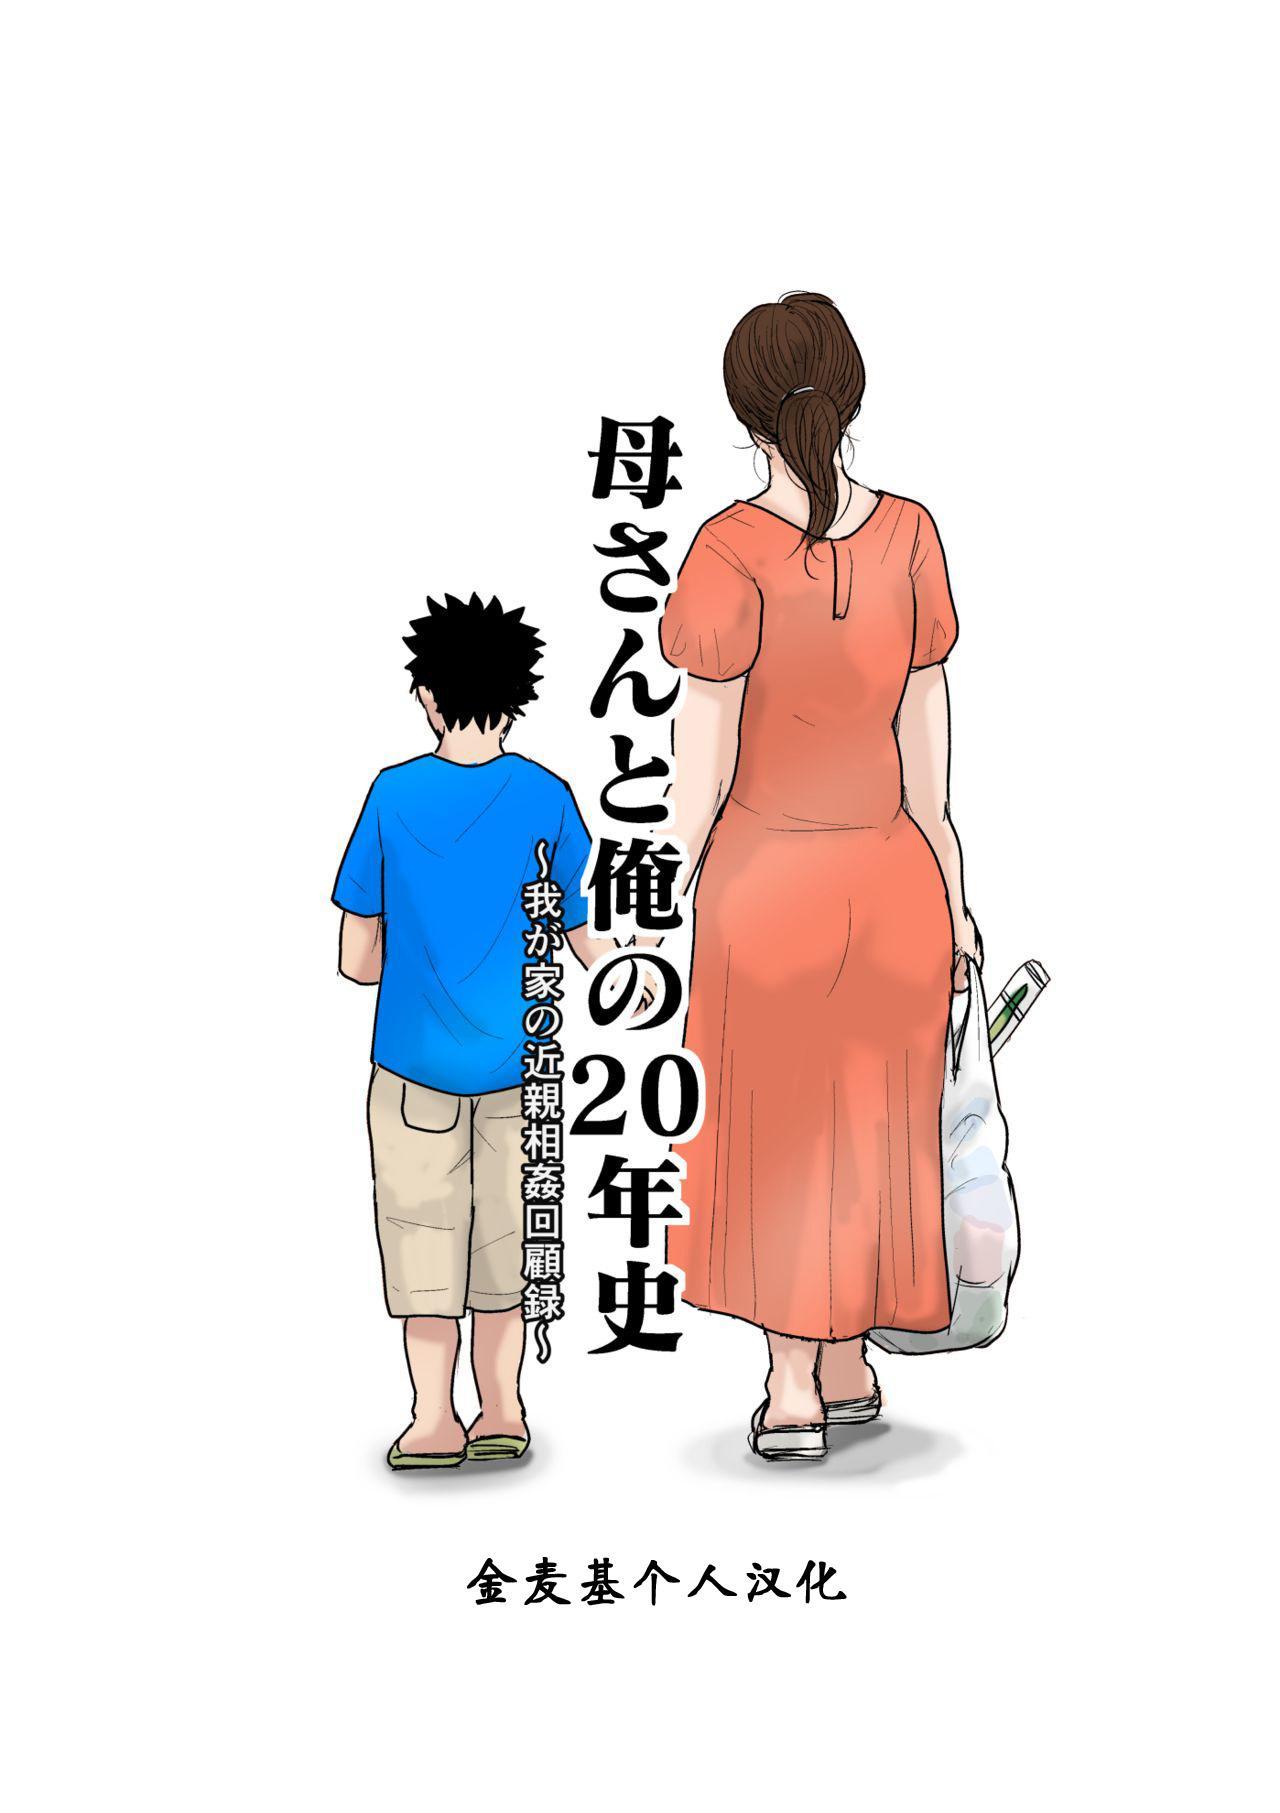 [Oozora Kaiko] Kaa-san to Ore no 20-nenshi ~Waga Ie no Kinshin Soukan Kaikoroku [Chinese] [金麦基个人汉化] 0